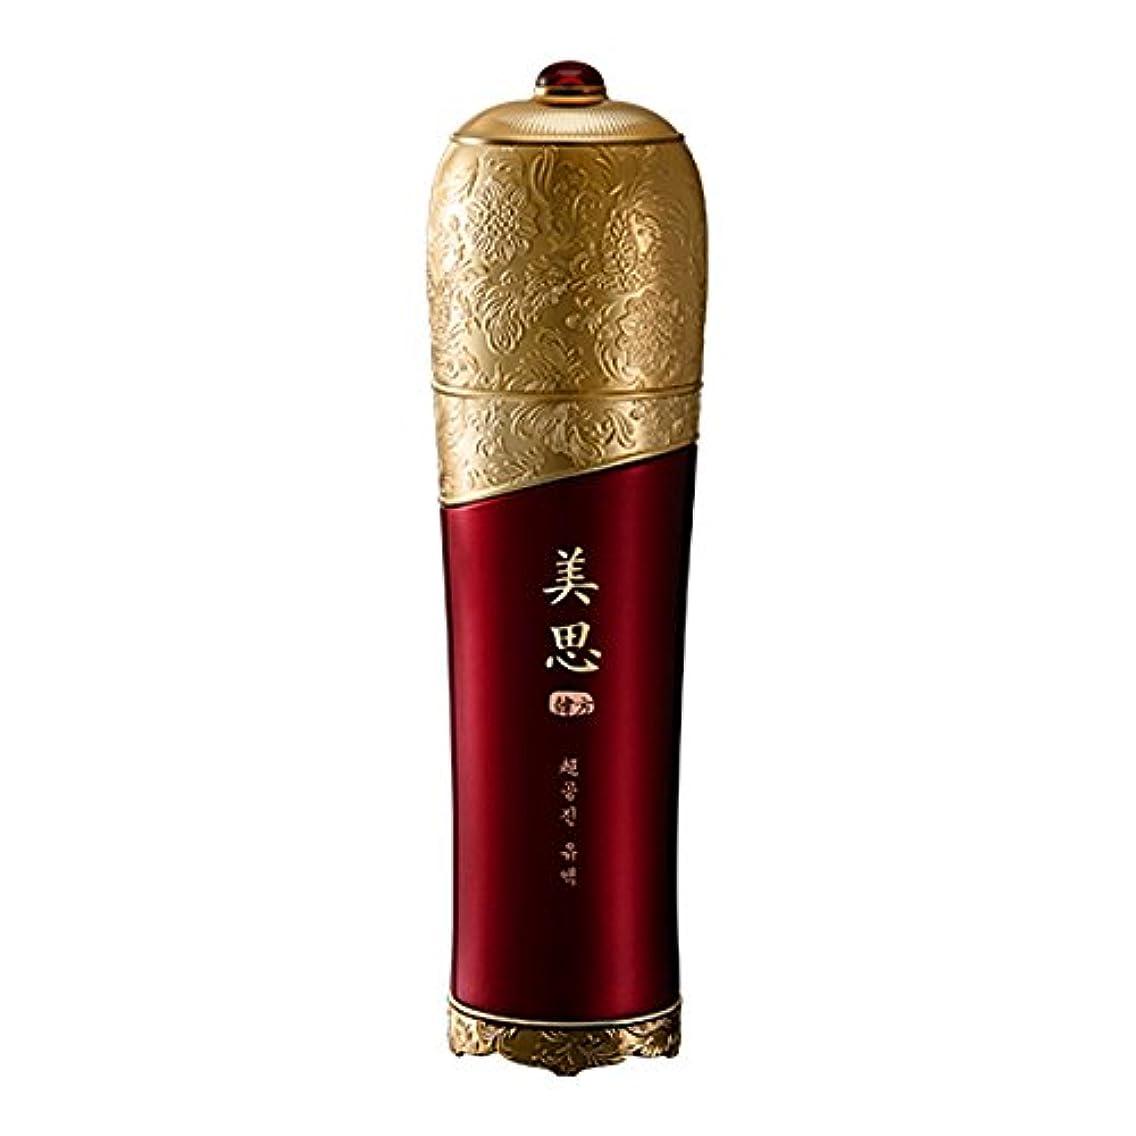 錆び荒れ地ベンチMISSHA(ミシャ)美思 韓方 旧チョボヤン (超)チョゴンジン 乳液 基礎化粧品 スキンケア